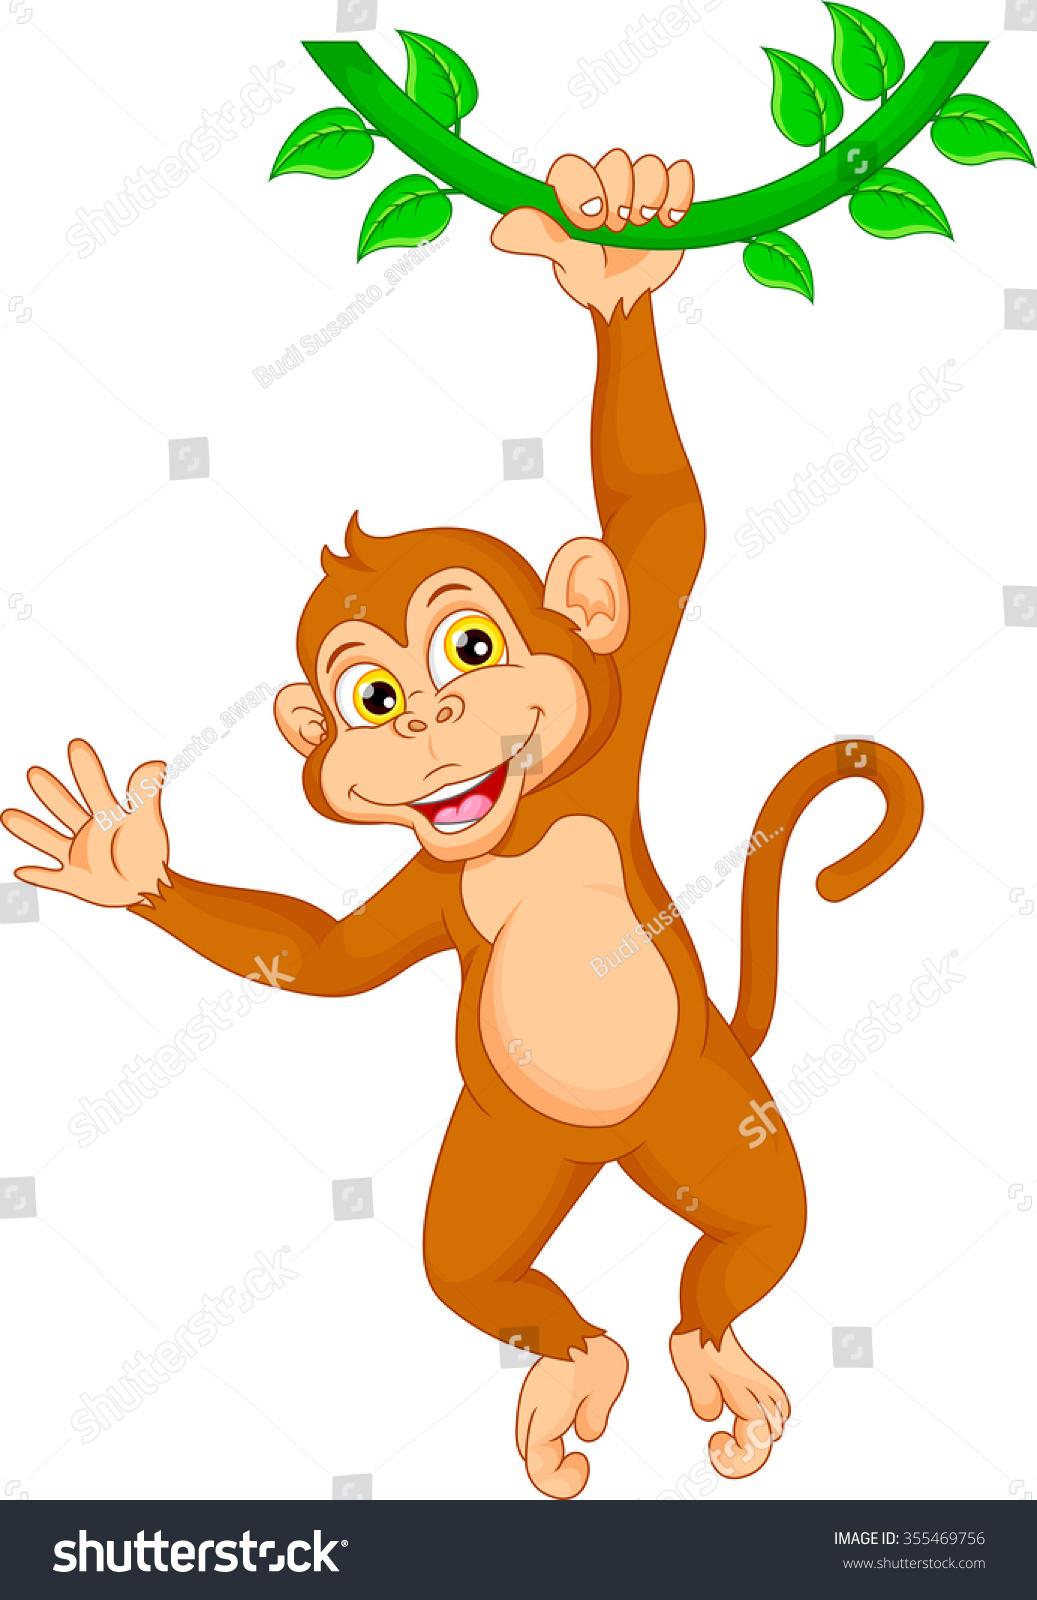 Cartoon monkeys hanging from a tree - photo#2